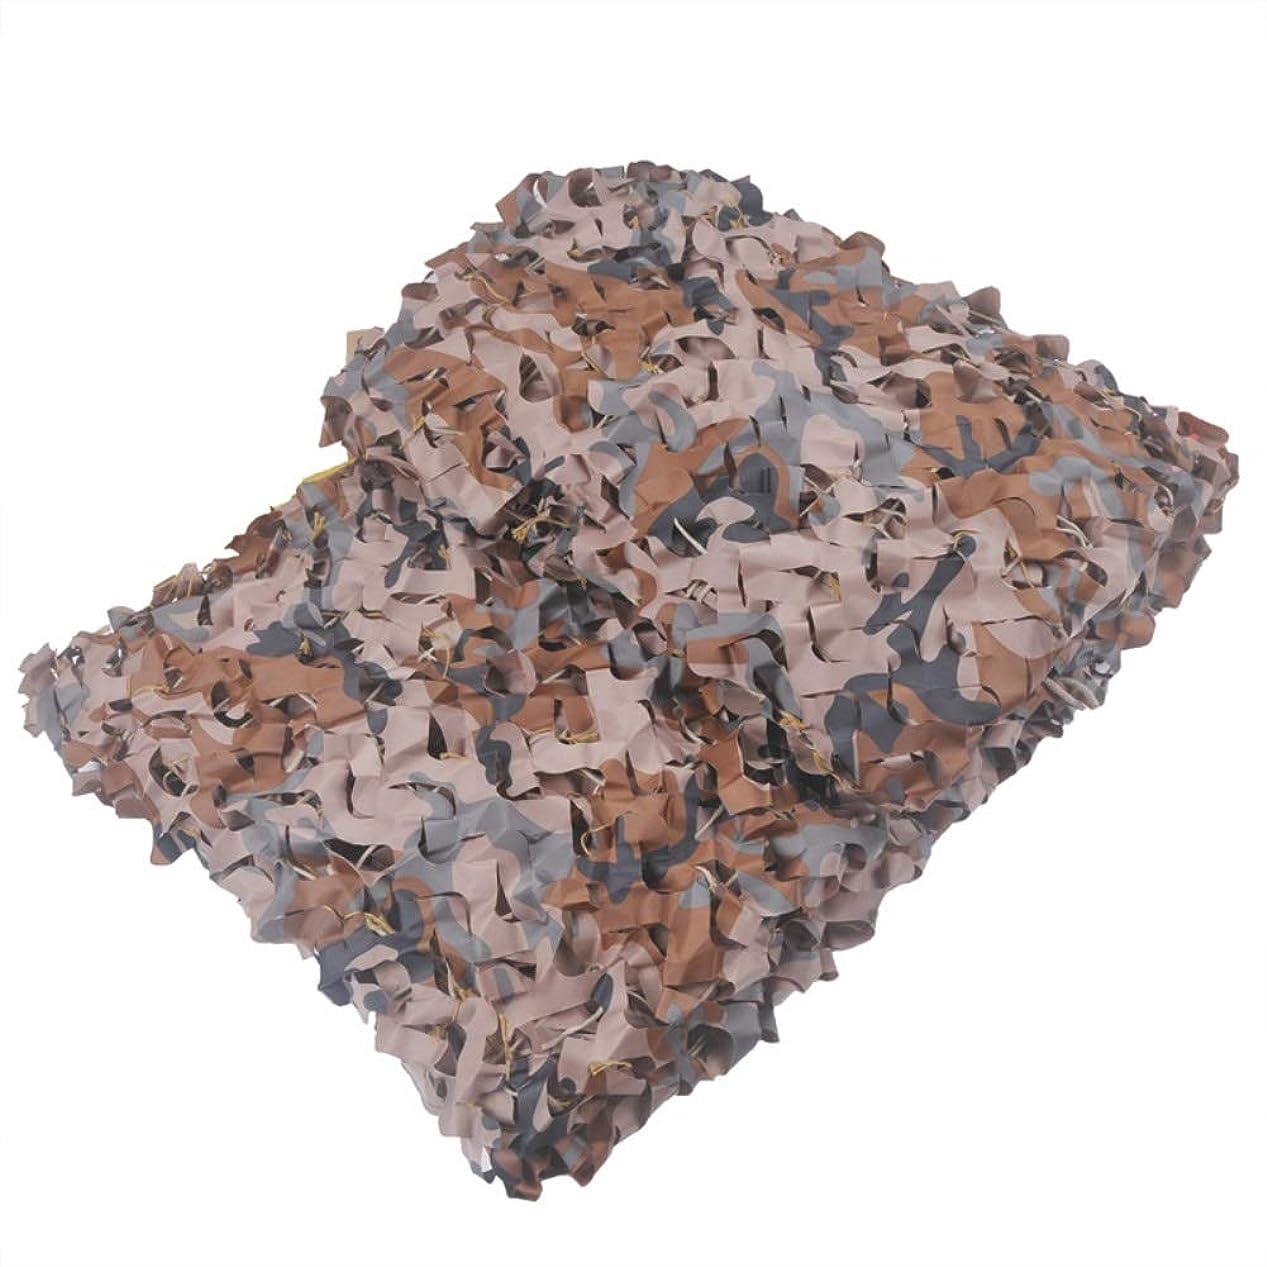 節約ささいなきらめくDesert Camouflage Net Air Defense Shading Insulation Shading Net With Iron Ring Interior Angle Edging Sun Network,300D Polyester Oxford fabric SWKFDG 遮光ネット温室農業遮光 (Size : 6x6m)